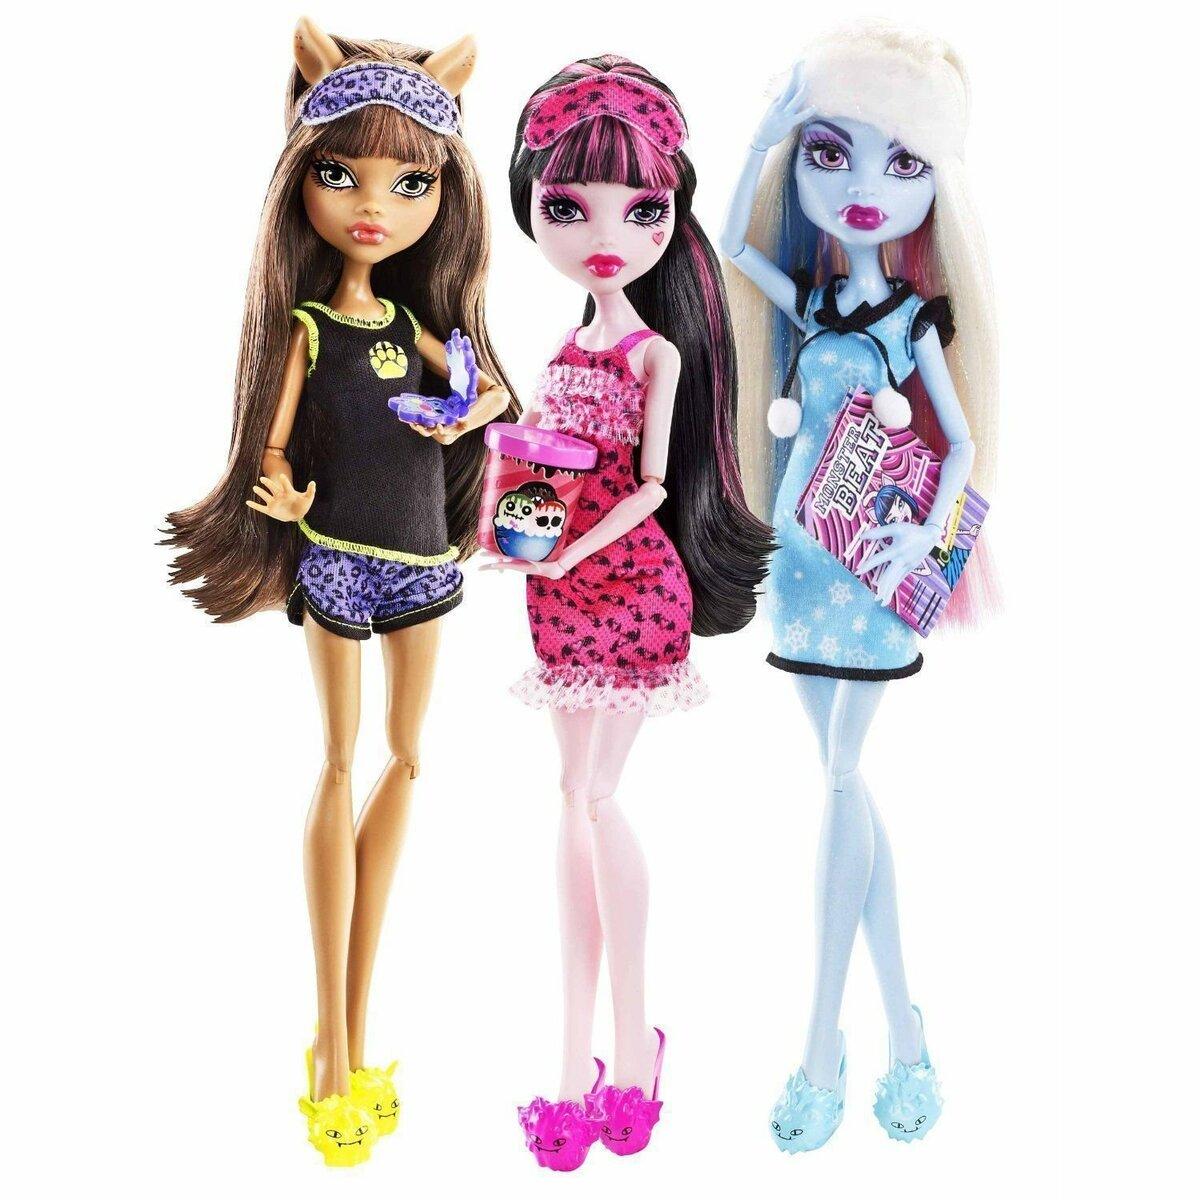 ярким показать какие есть куклы картинкой потребуется три